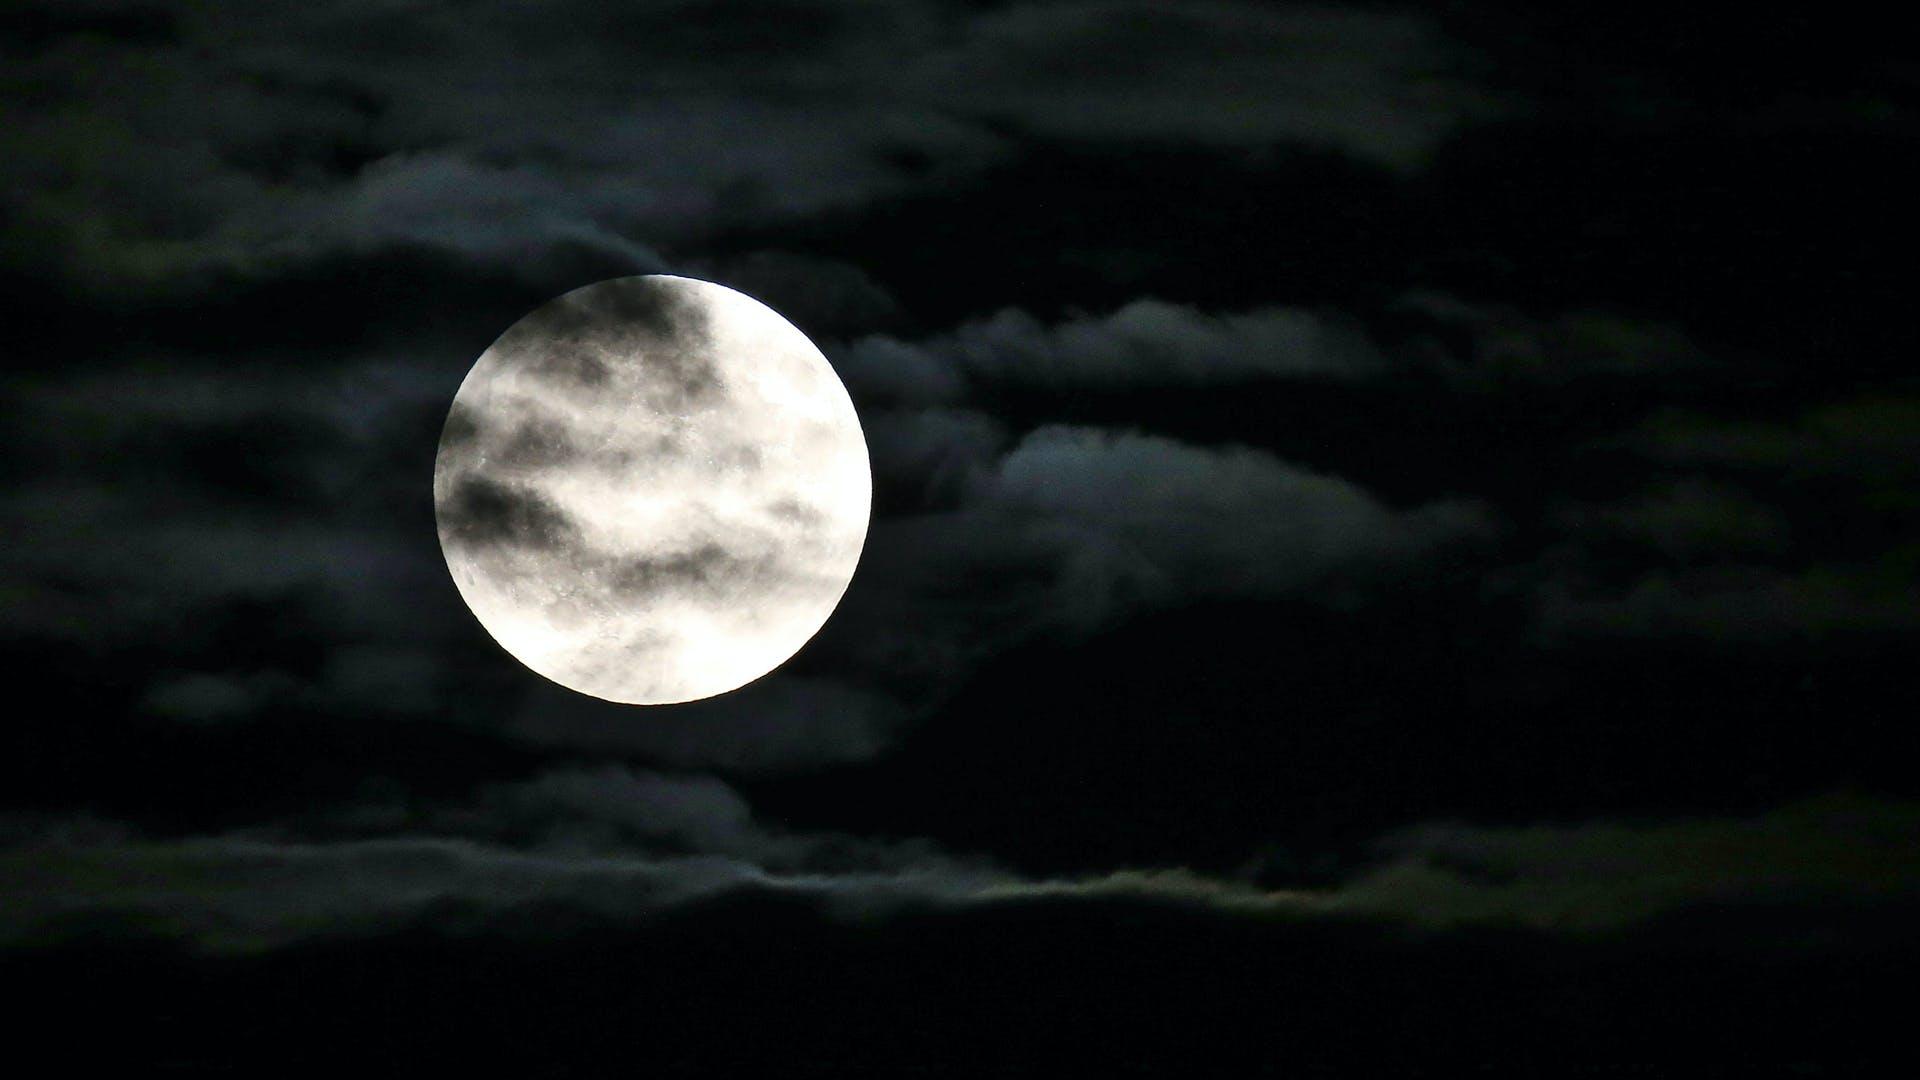 月經與月亮有關嗎?